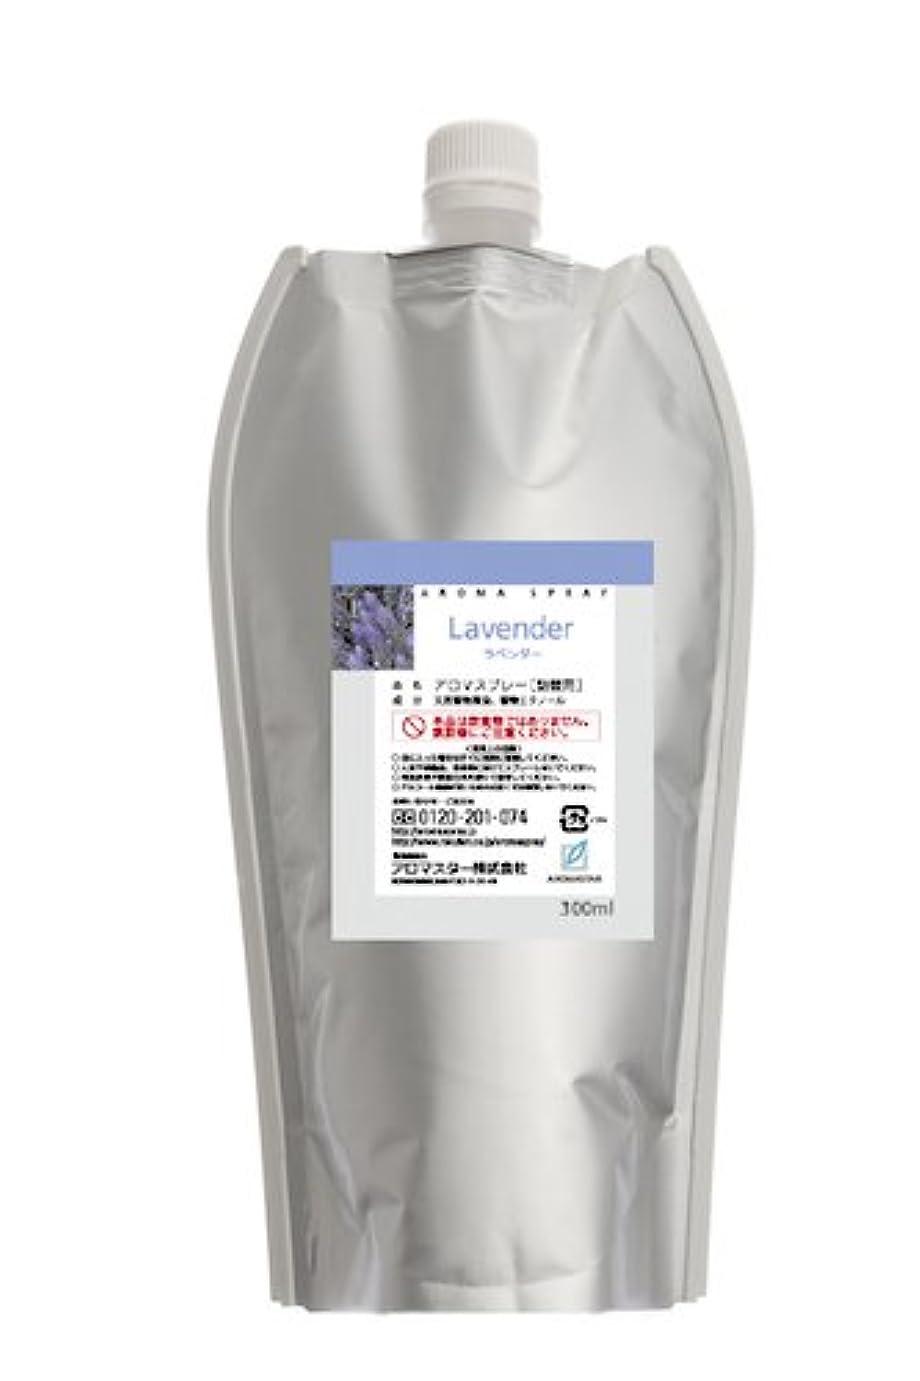 スチュワーデスありふれた貫通するAROMASTAR(アロマスター) アロマスプレー ラベンダー 300ml詰替用(エコパック)